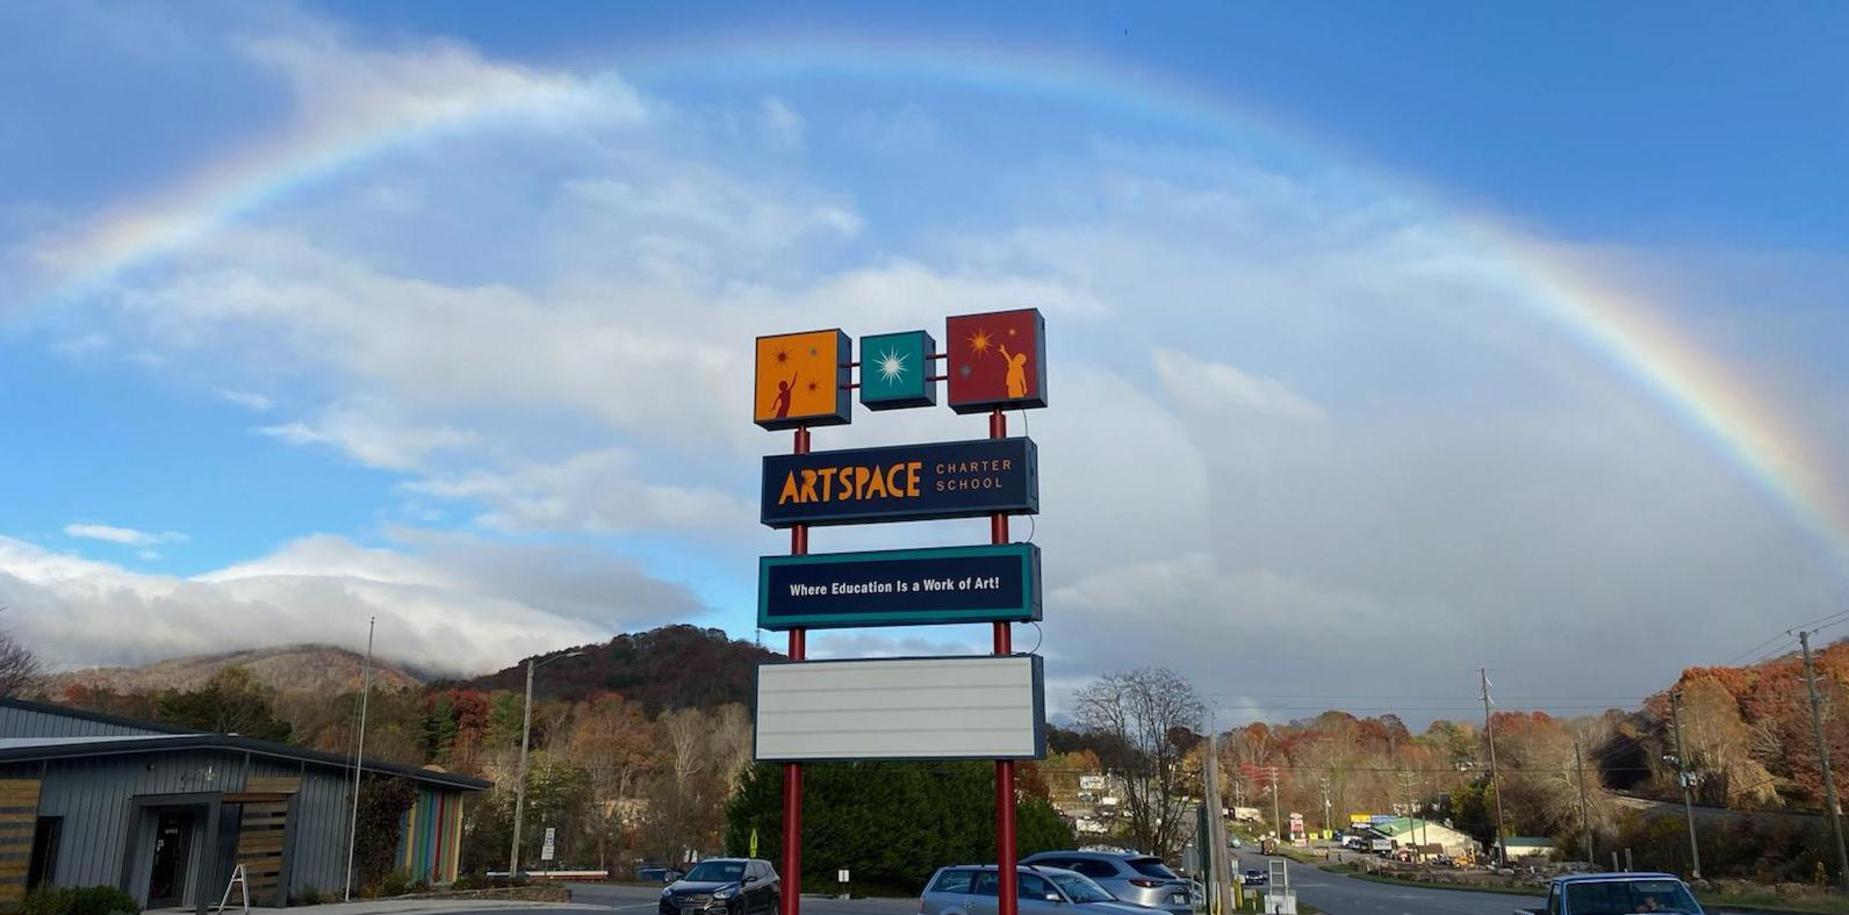 A rainbow over the school sign